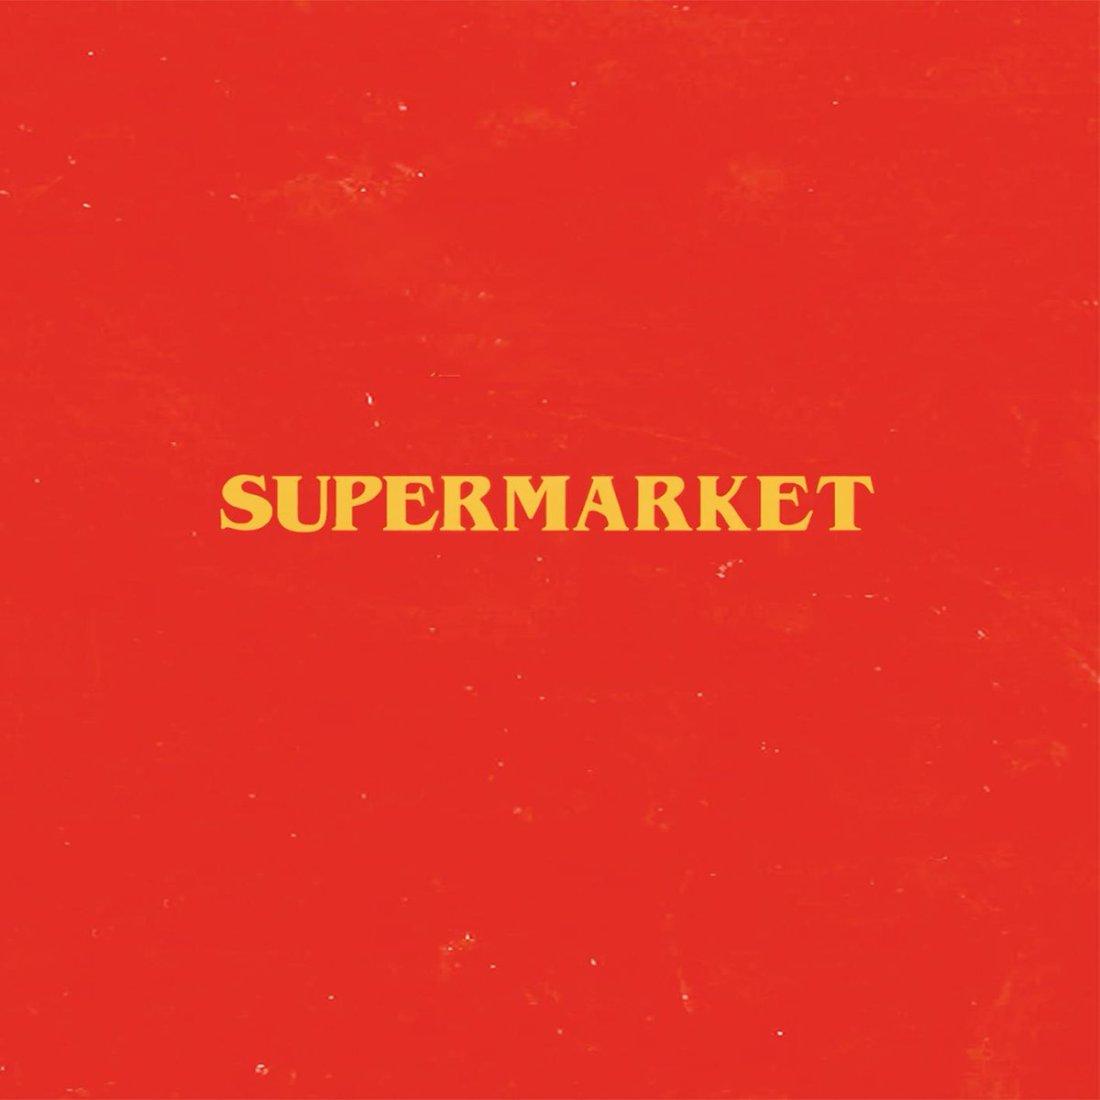 logic-supermarket-soundtrack.jpg